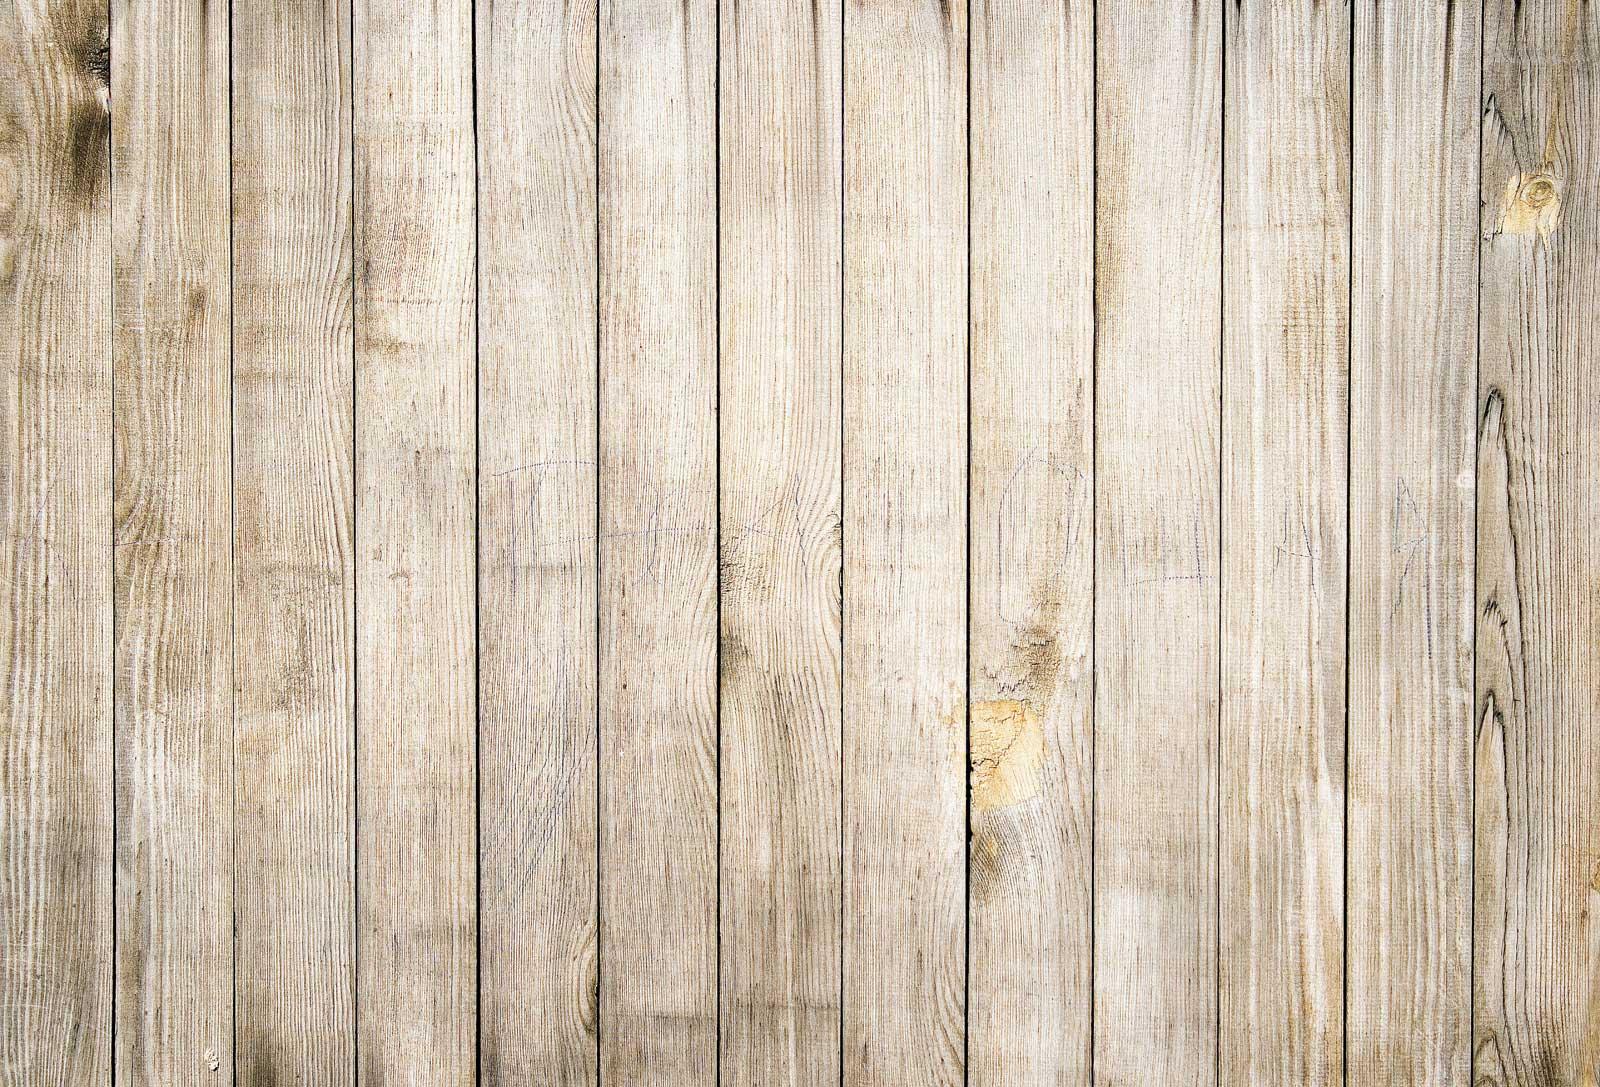 Cimaise Bois Pour Lambris : Wood Texture